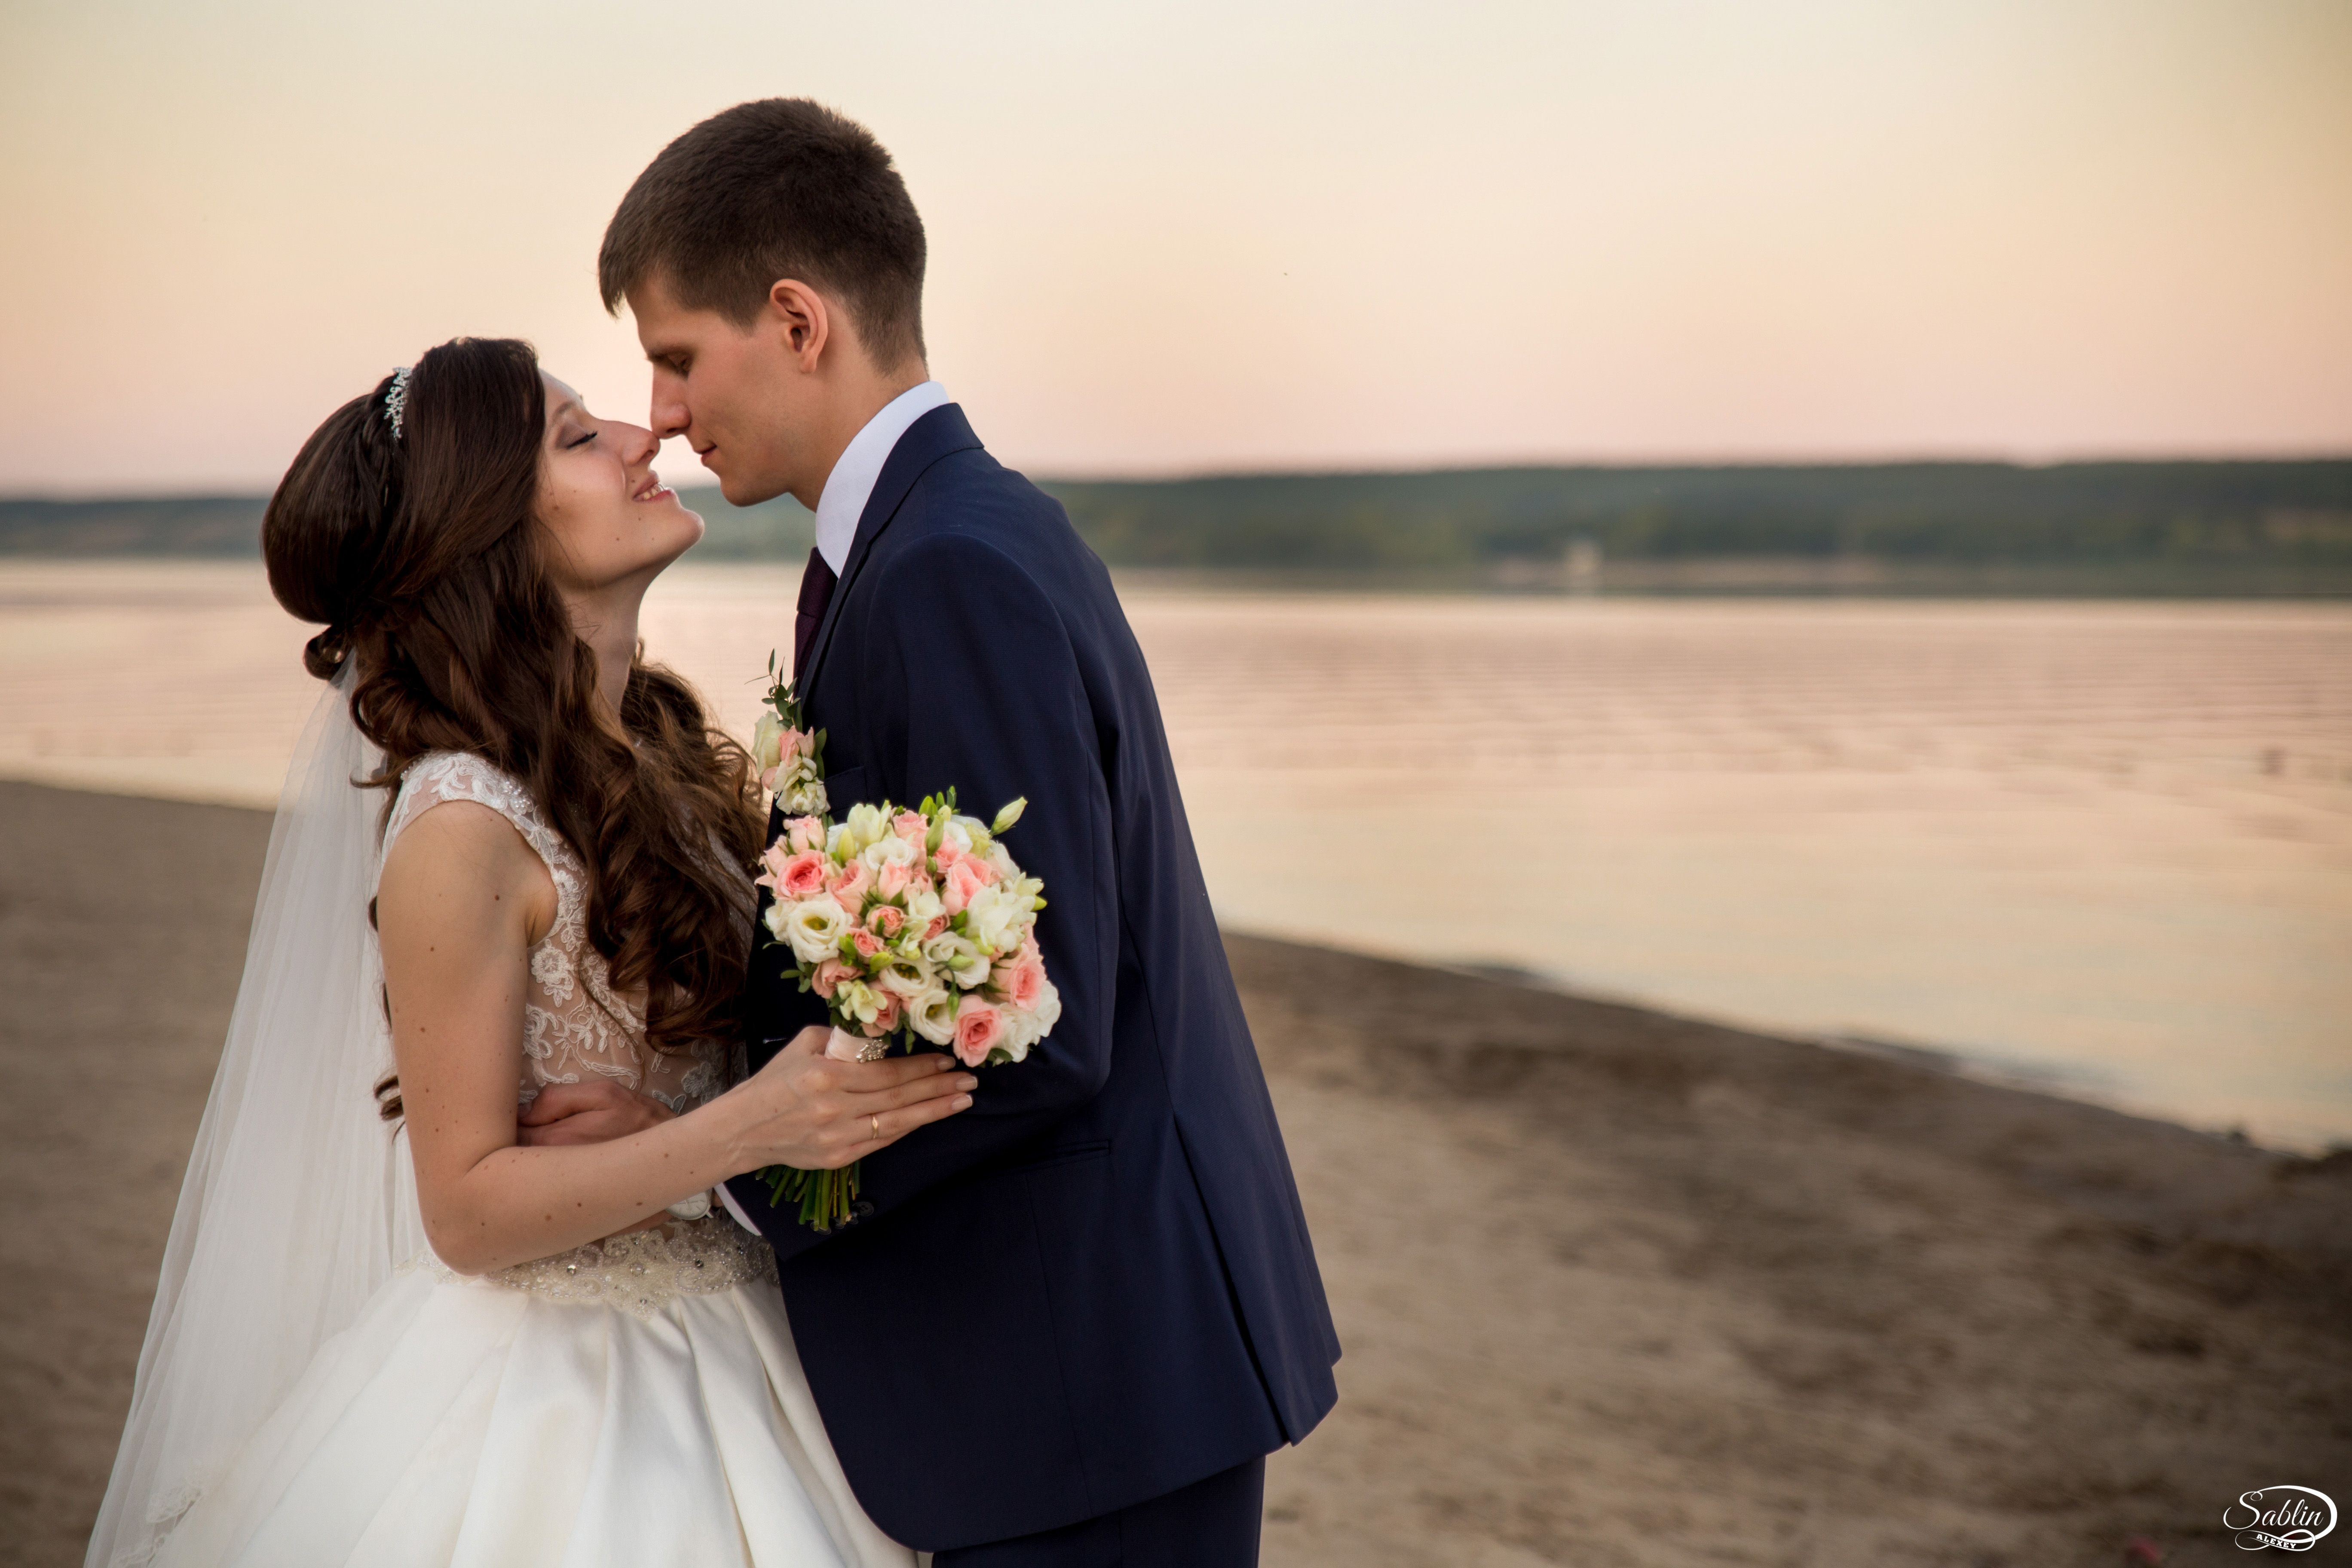 секрет, что работа свадебным фотографом саратов мужчины может